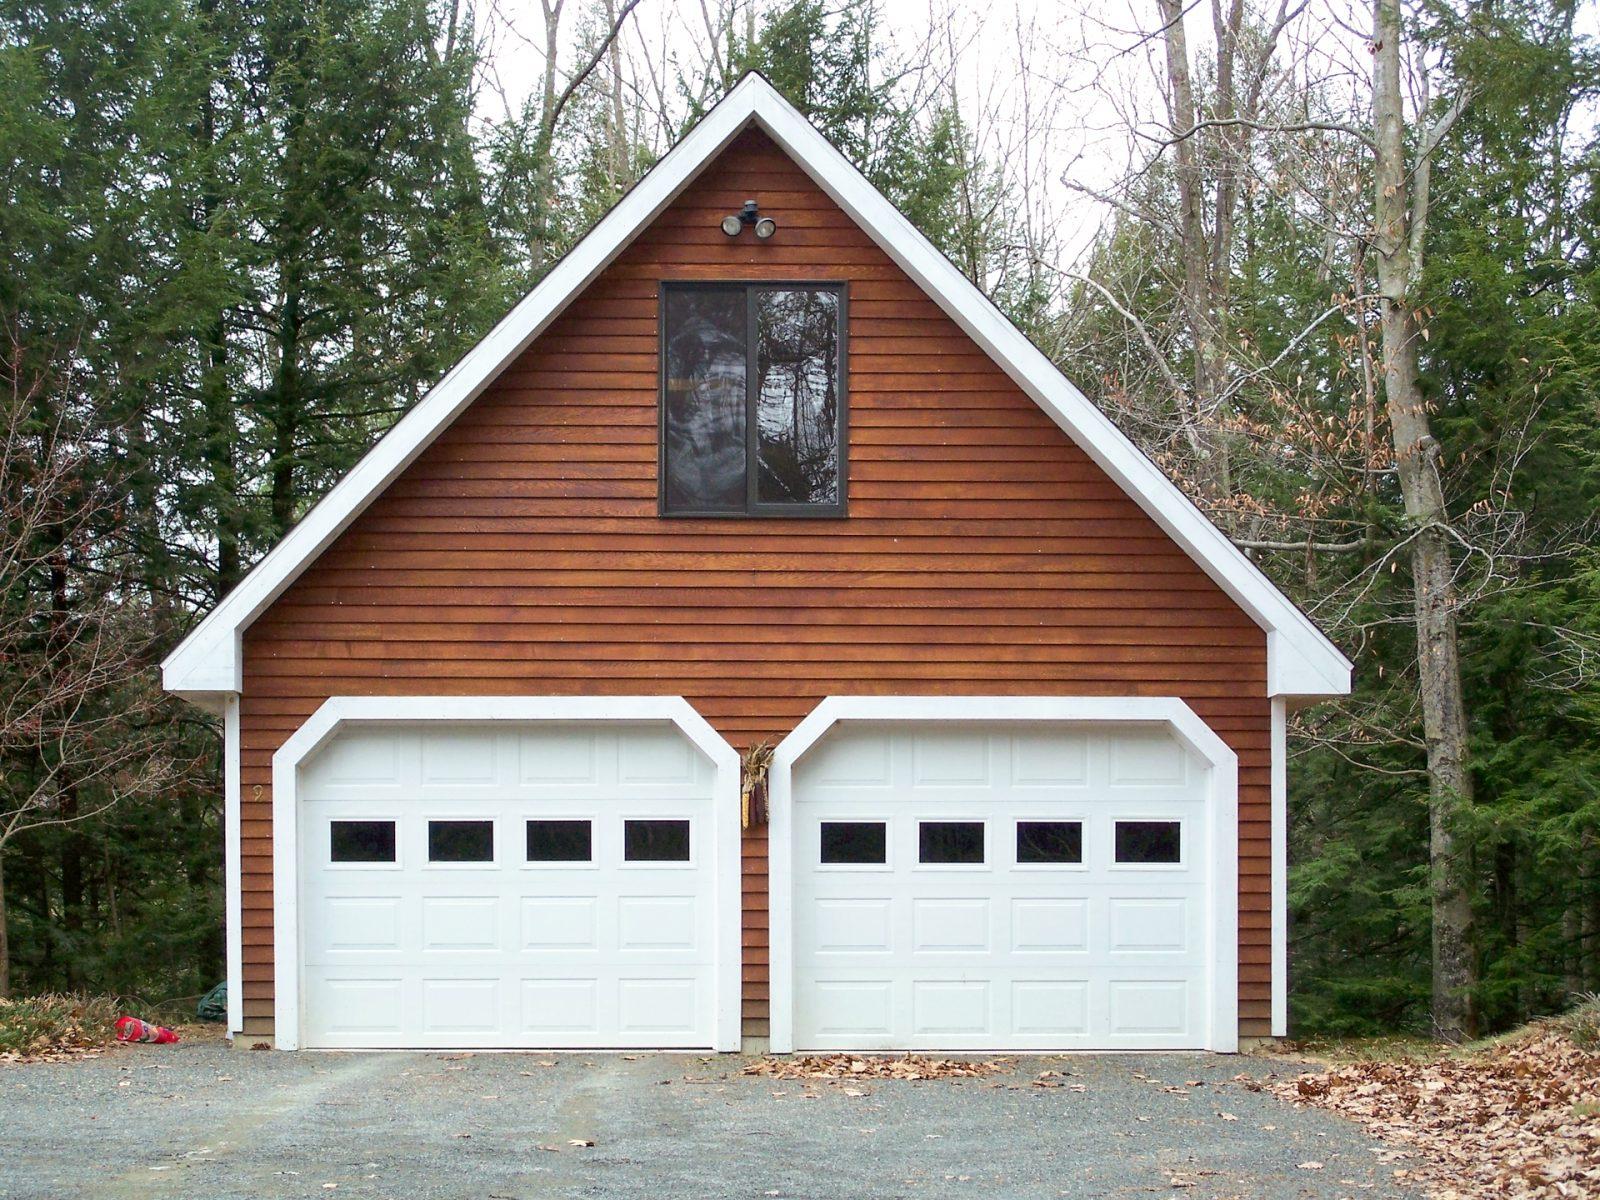 standard 2 car detached garages in worcester ma